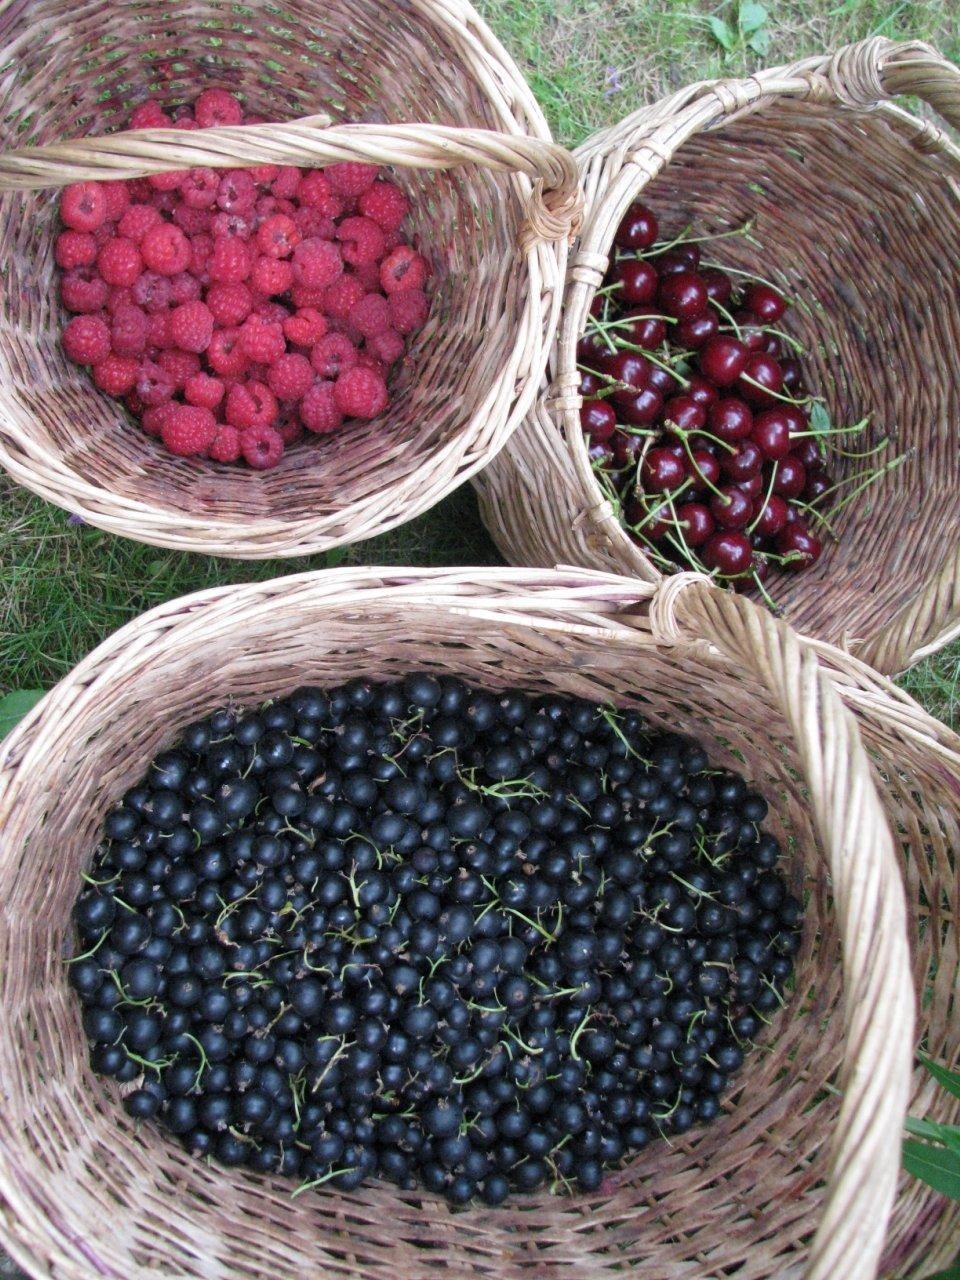 фото сбора урожая ягод 2021 в картинках 4